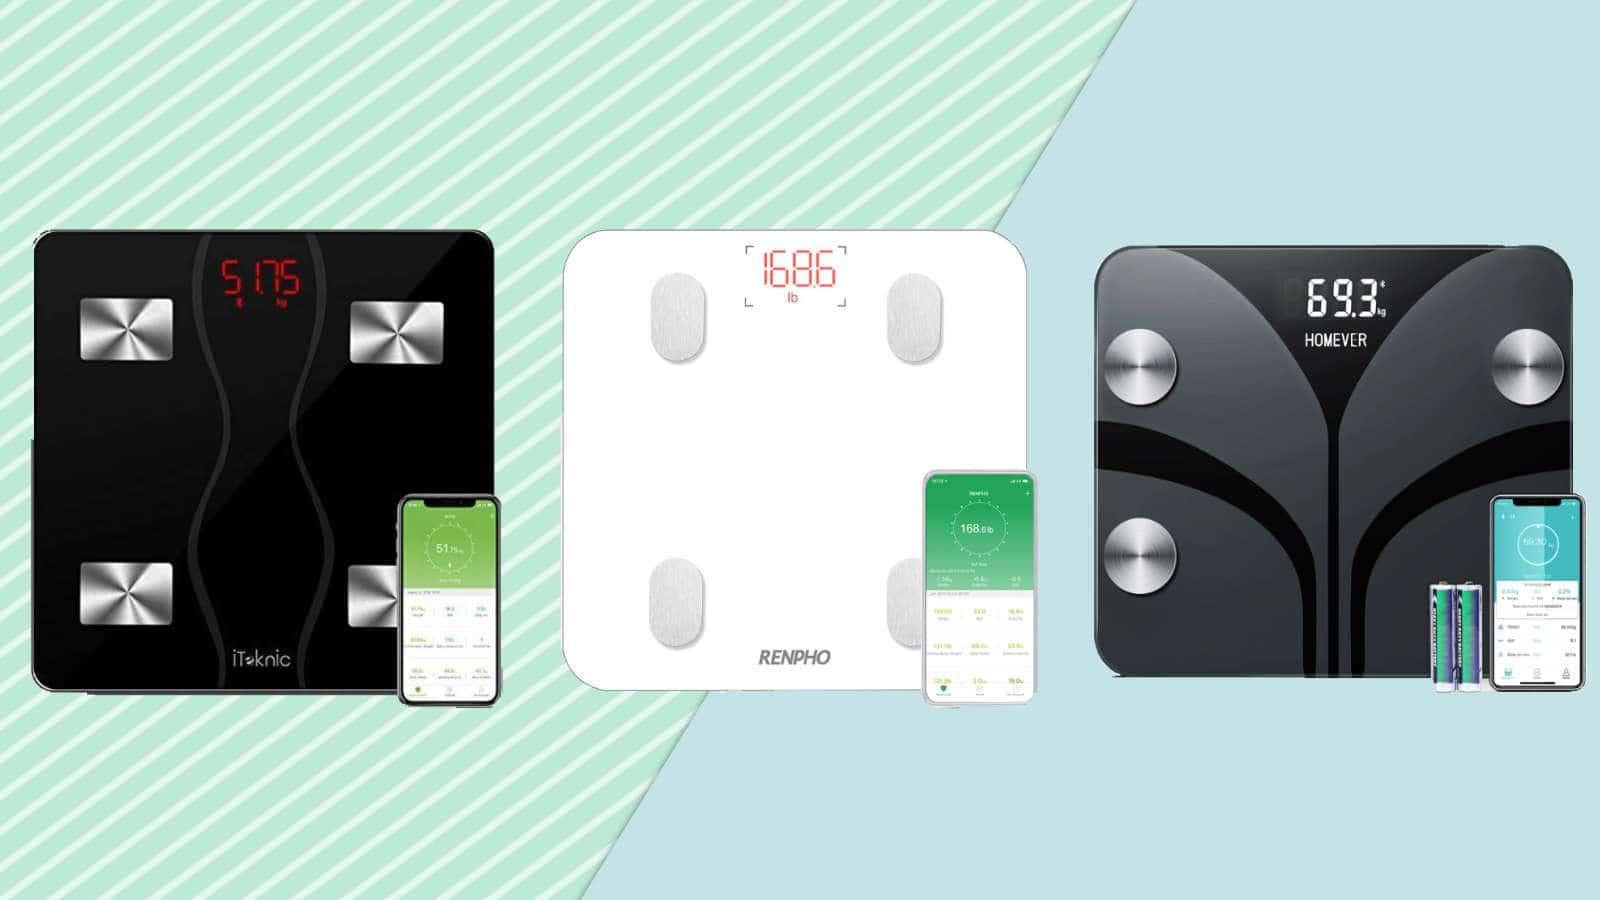 Körperfettwaage Vergleich- Die 10 besten Körperfettwaagen im Vergleich (2019)